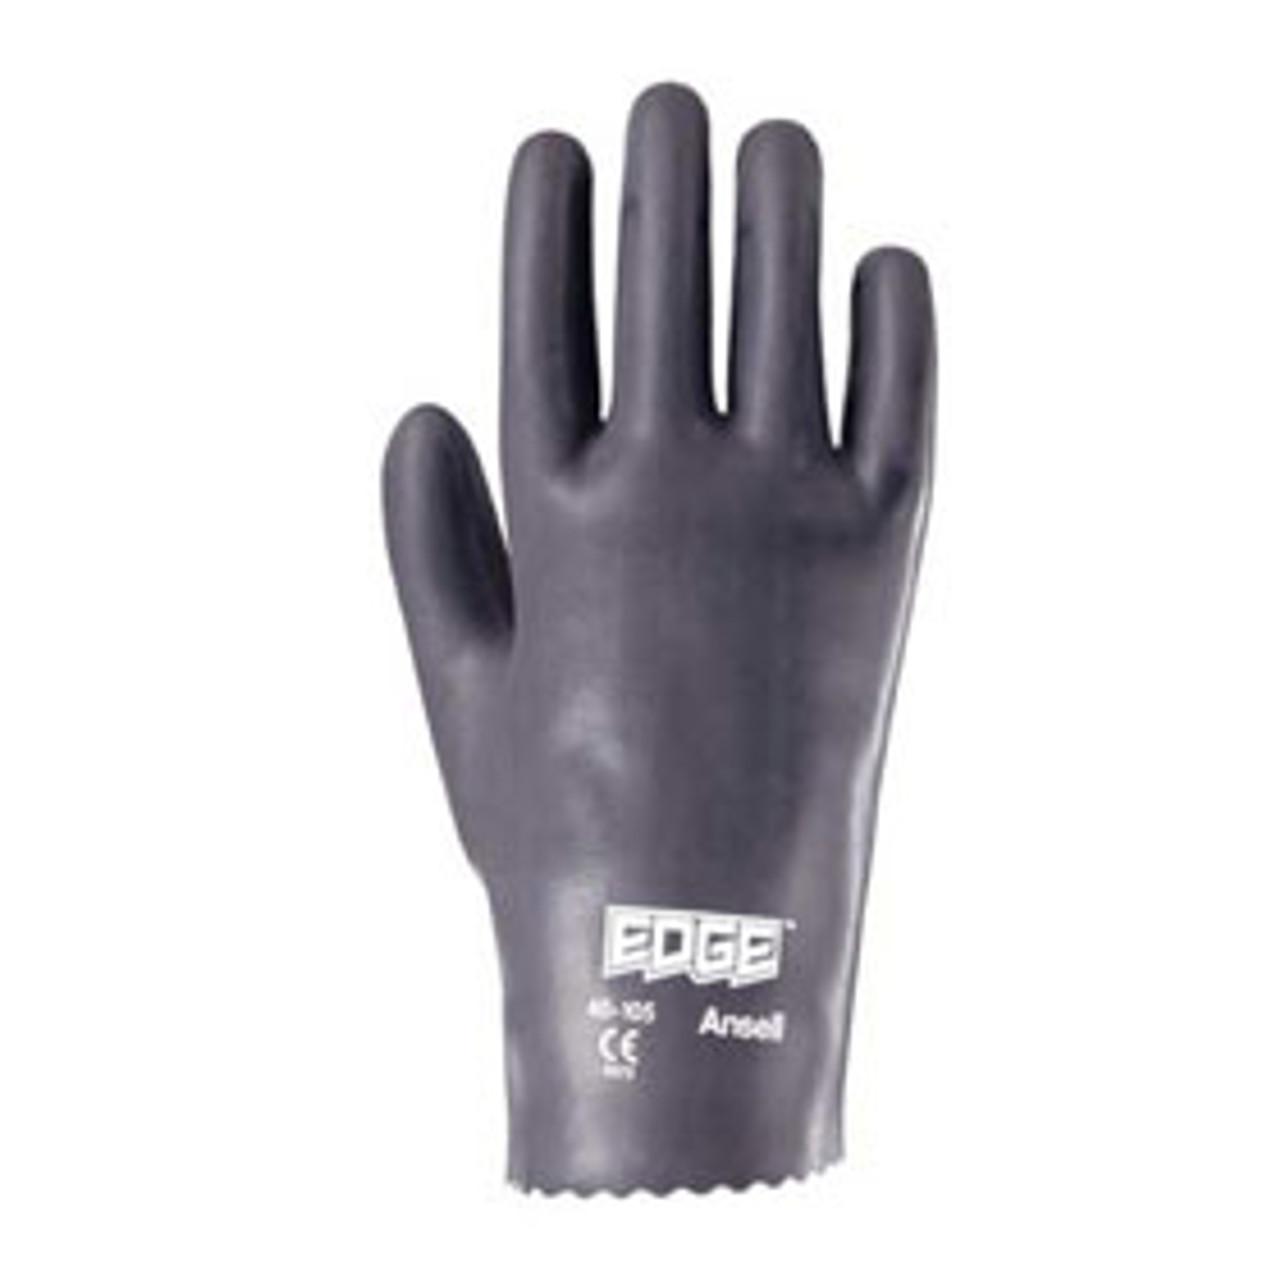 Edge Nitrile Gloves